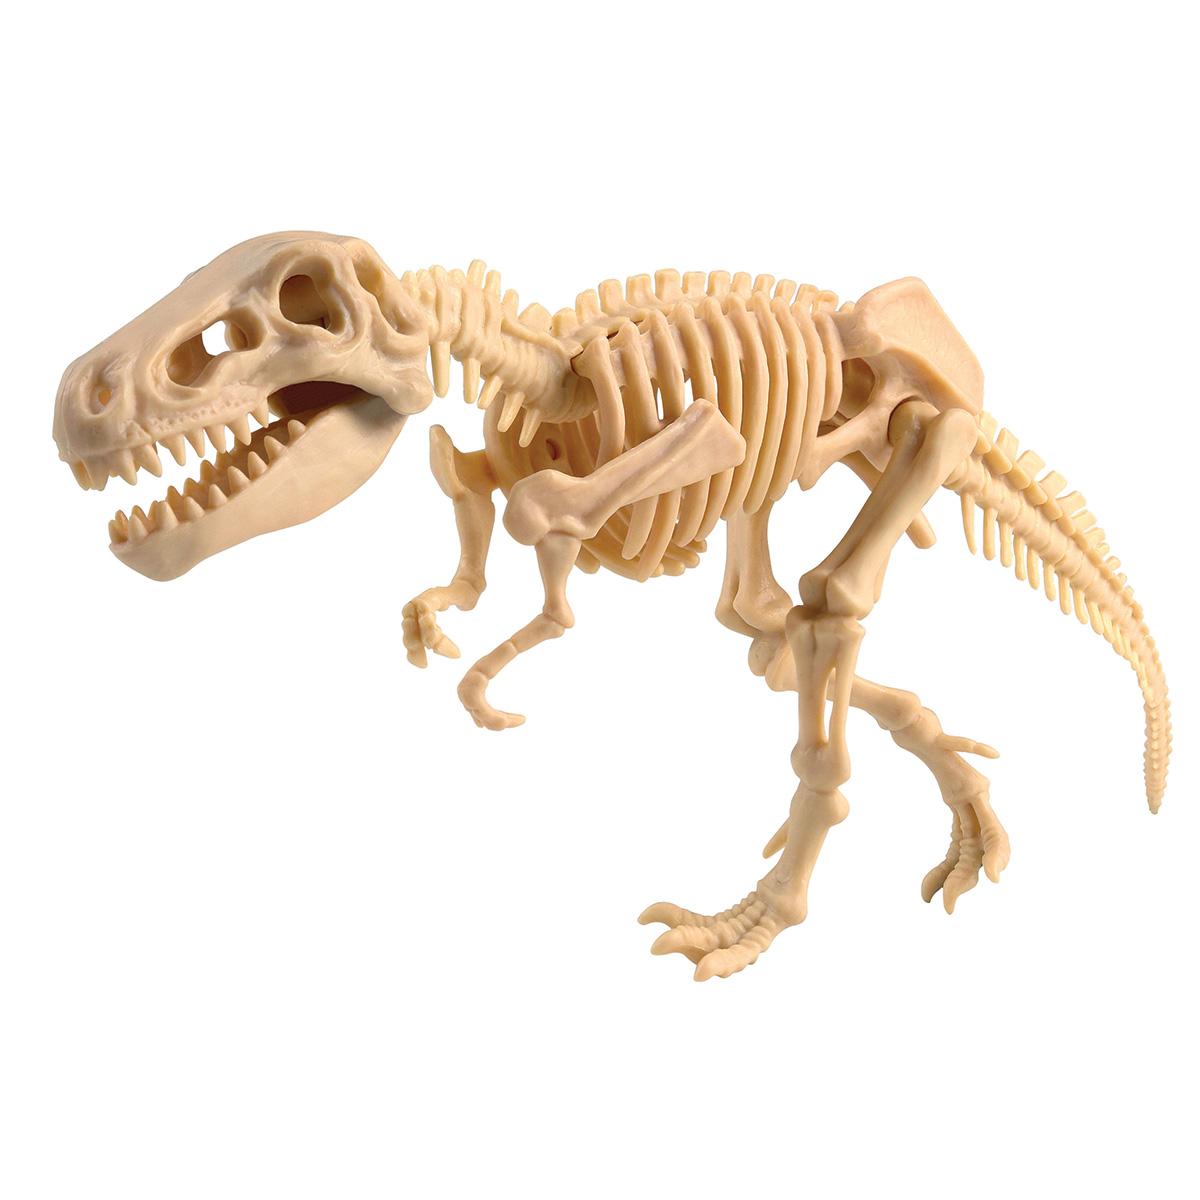 恐竜発掘キット ティラノサウルス